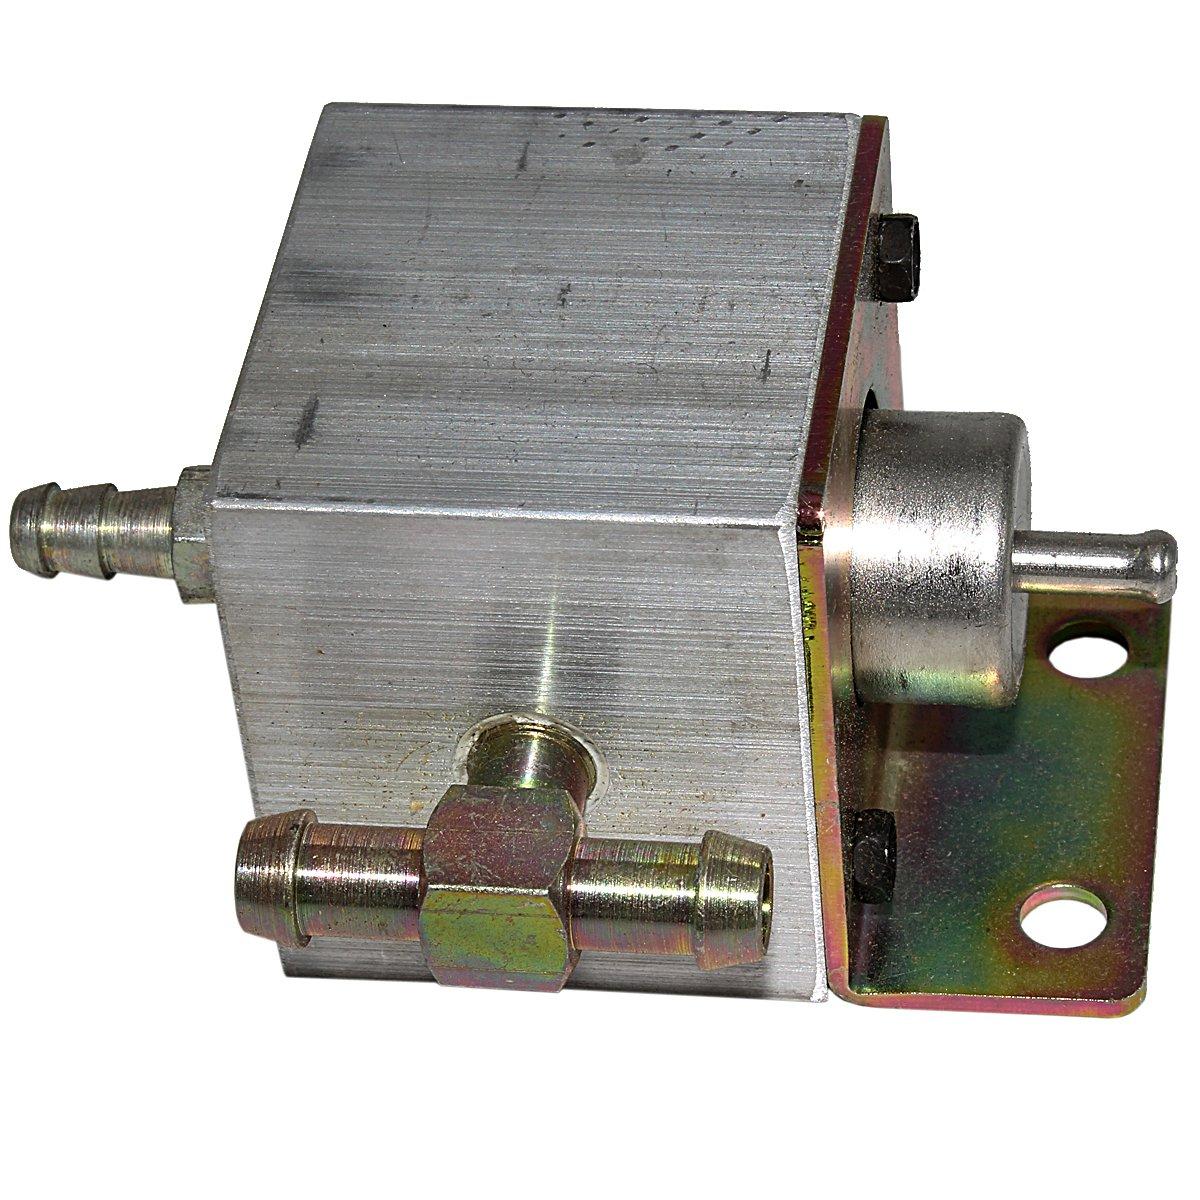 Kohler 24 403 12-S USE 24 403 16-S Regulator